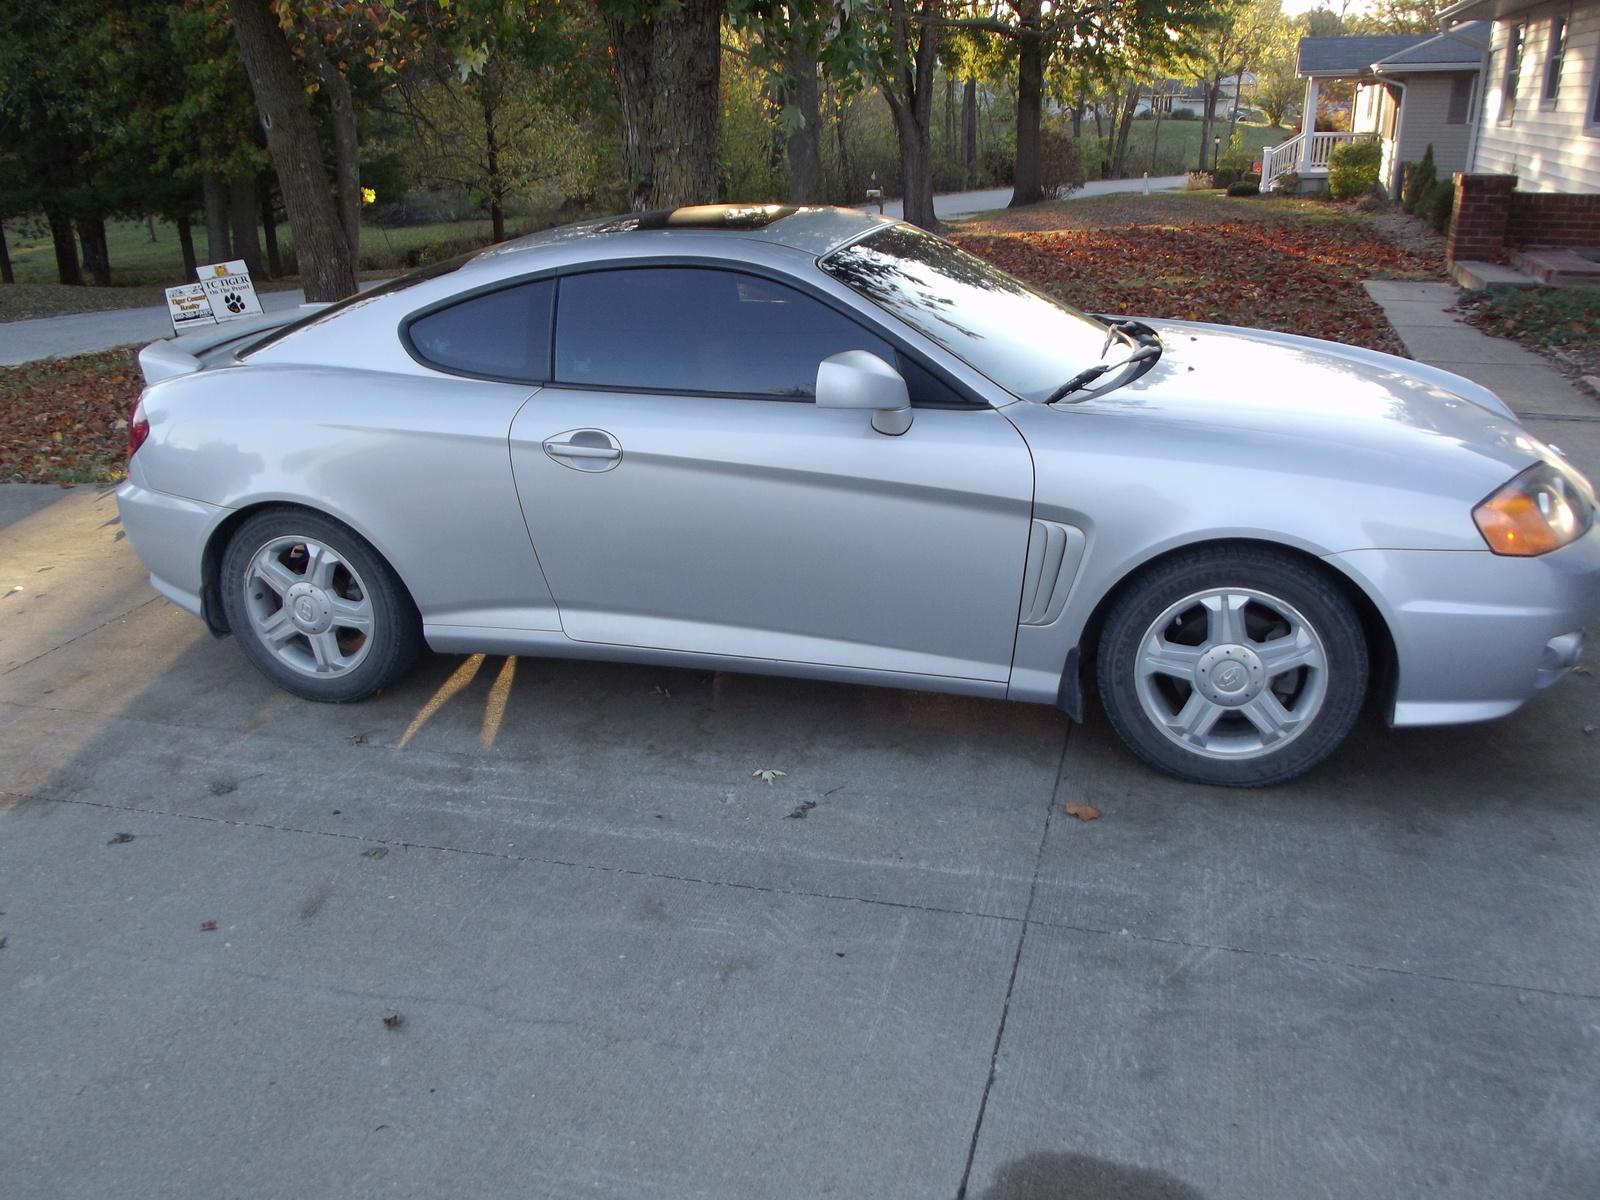 2004 Hyundai Tiburon Pictures Cargurus